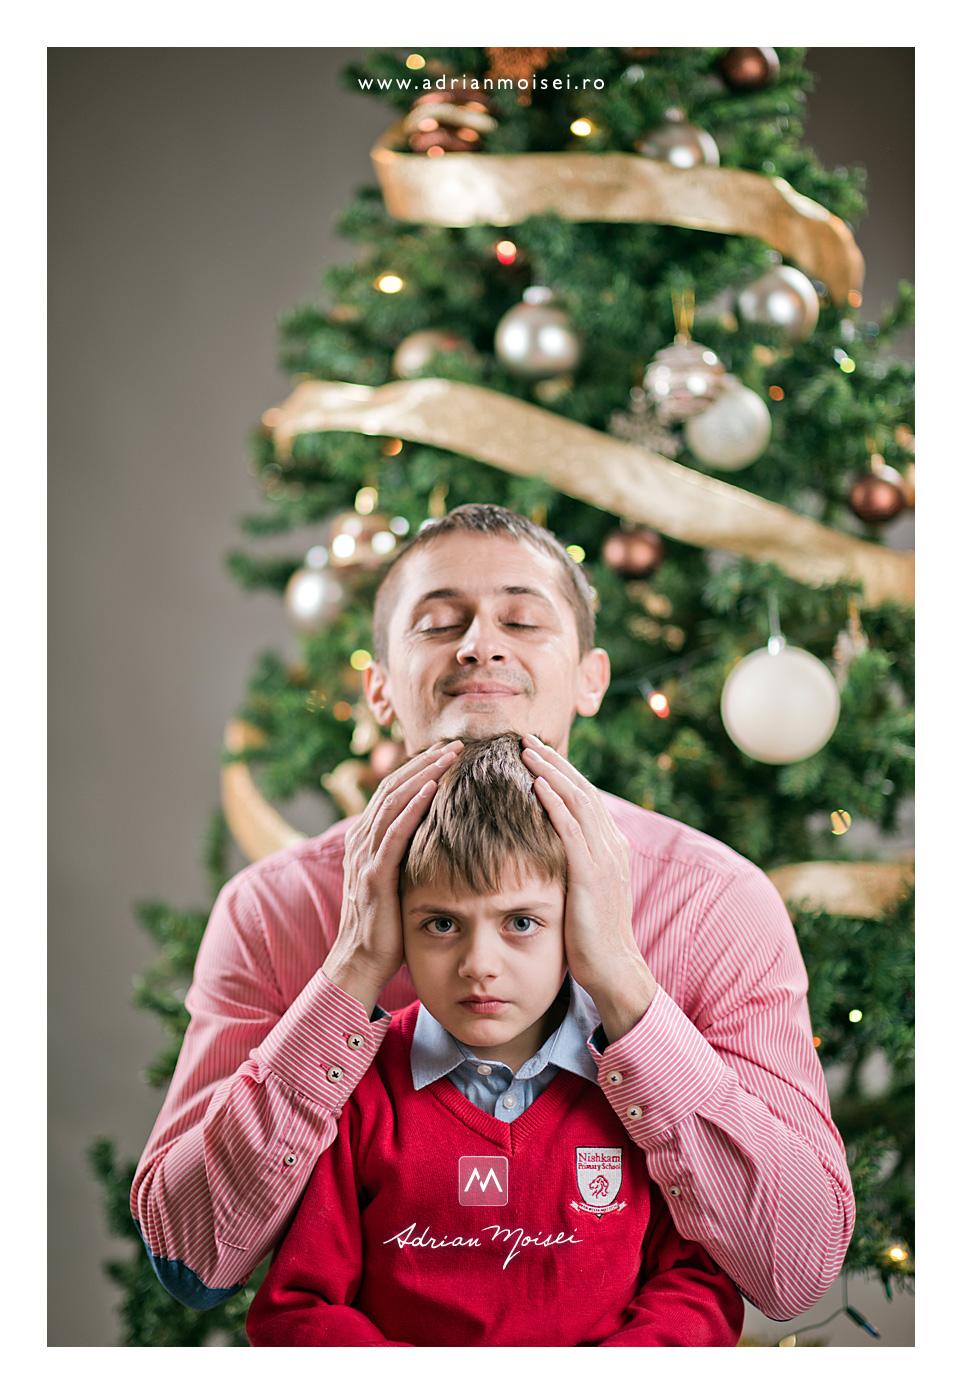 Tatal si copilul - Minisesinta foto de Crăciun, fotograf Iasi Adrian Moisei